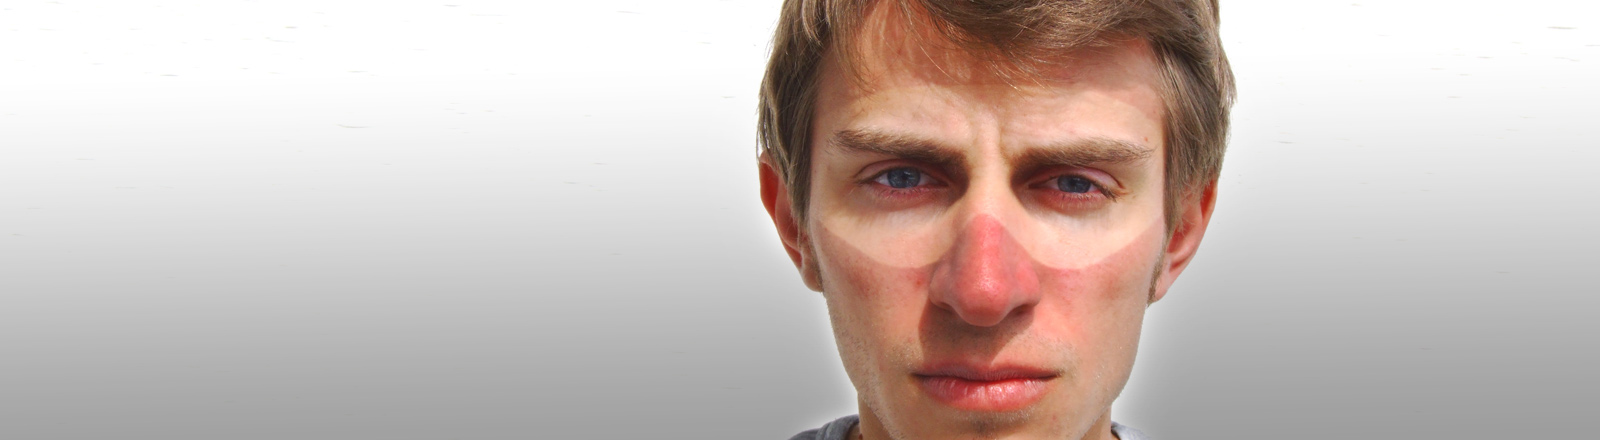 Mann mit Sonnenbrand im Gesicht.